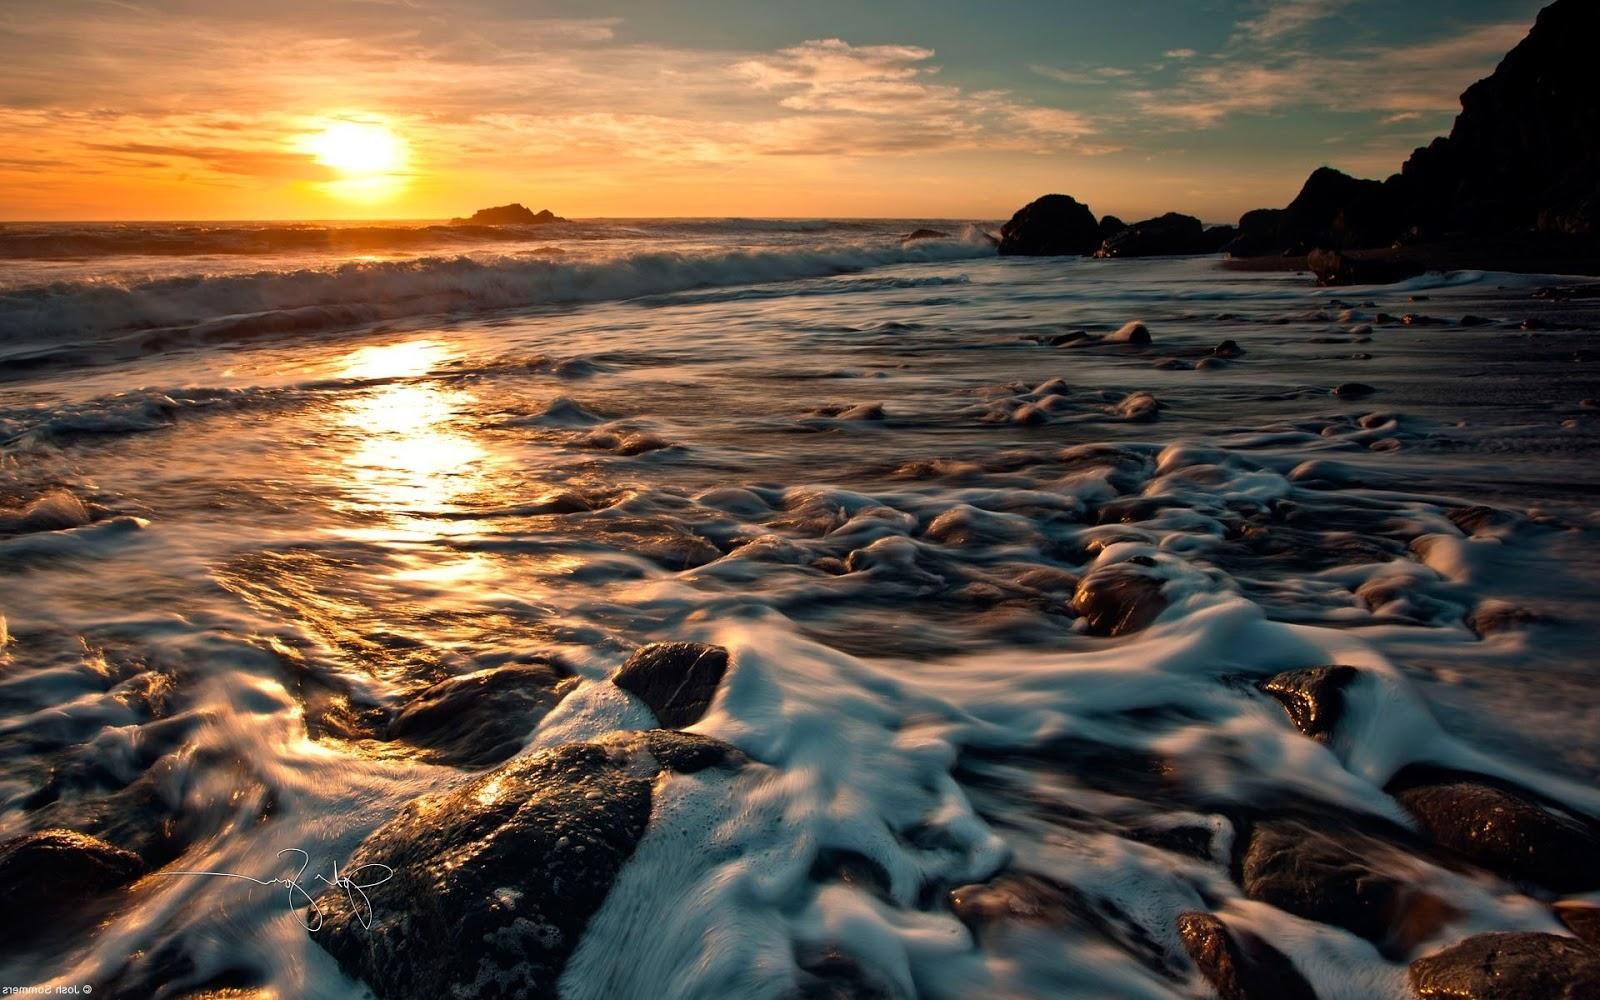 http://2.bp.blogspot.com/-W_lcFLyZFfY/T5EPzeALqRI/AAAAAAAADZs/707-z_jR1fw/s1600/sunset-over-the-surf-windows-8-wallpaper-1920x1200.jpg